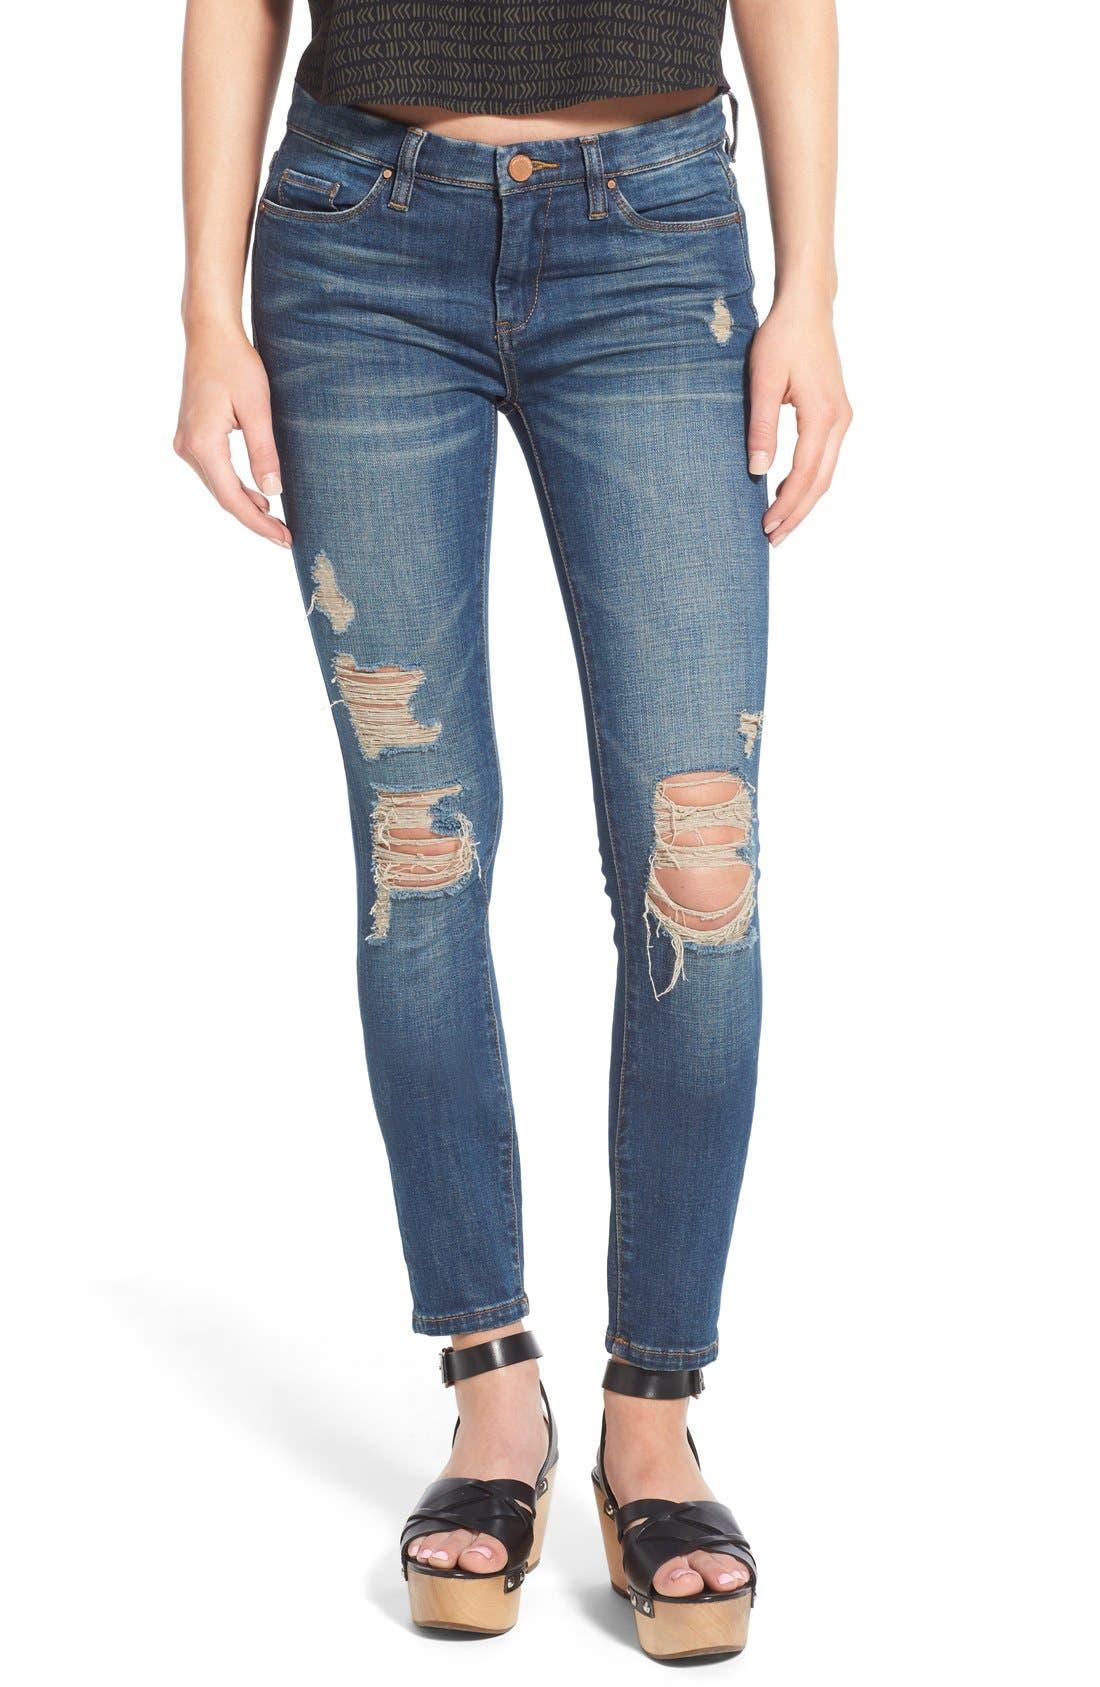 Alternate Image 1 Selected - BLANKNYC Distressed Skinny Jeans